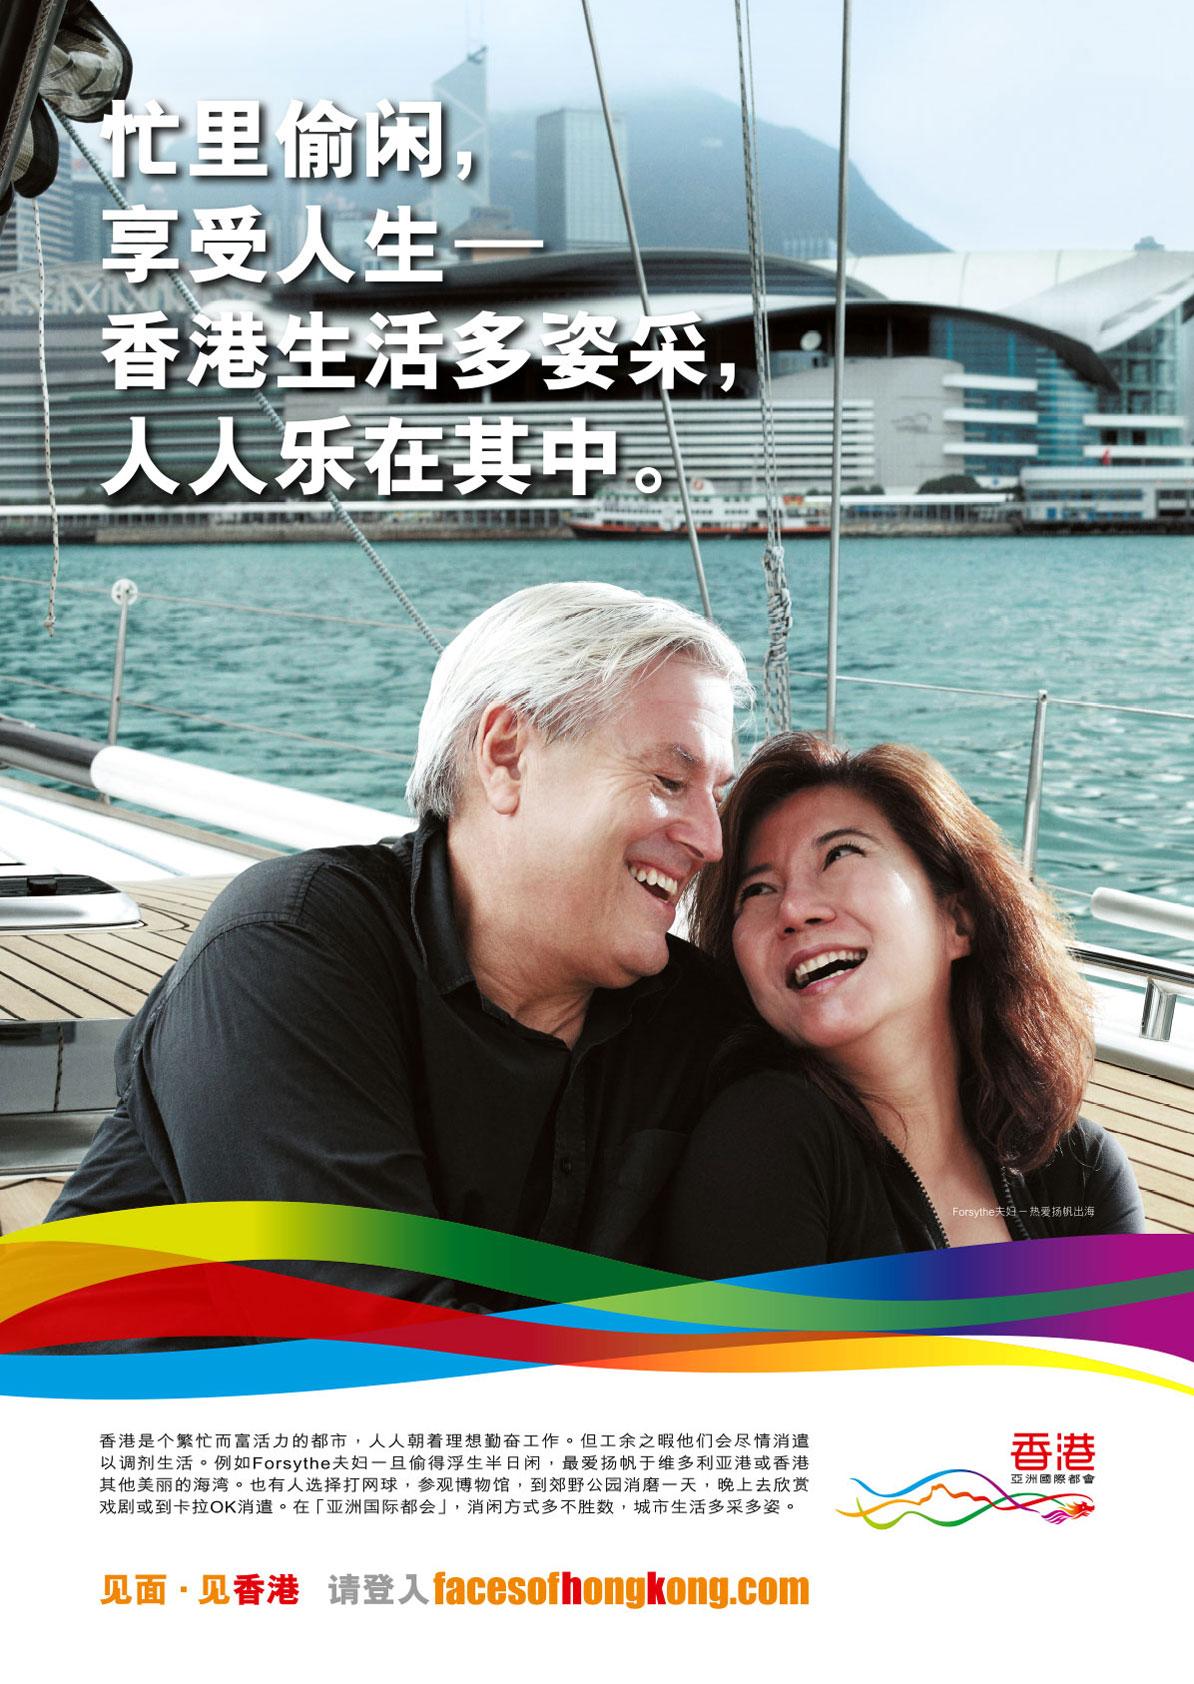 见面 • 见香港 - Forsythe夫妇